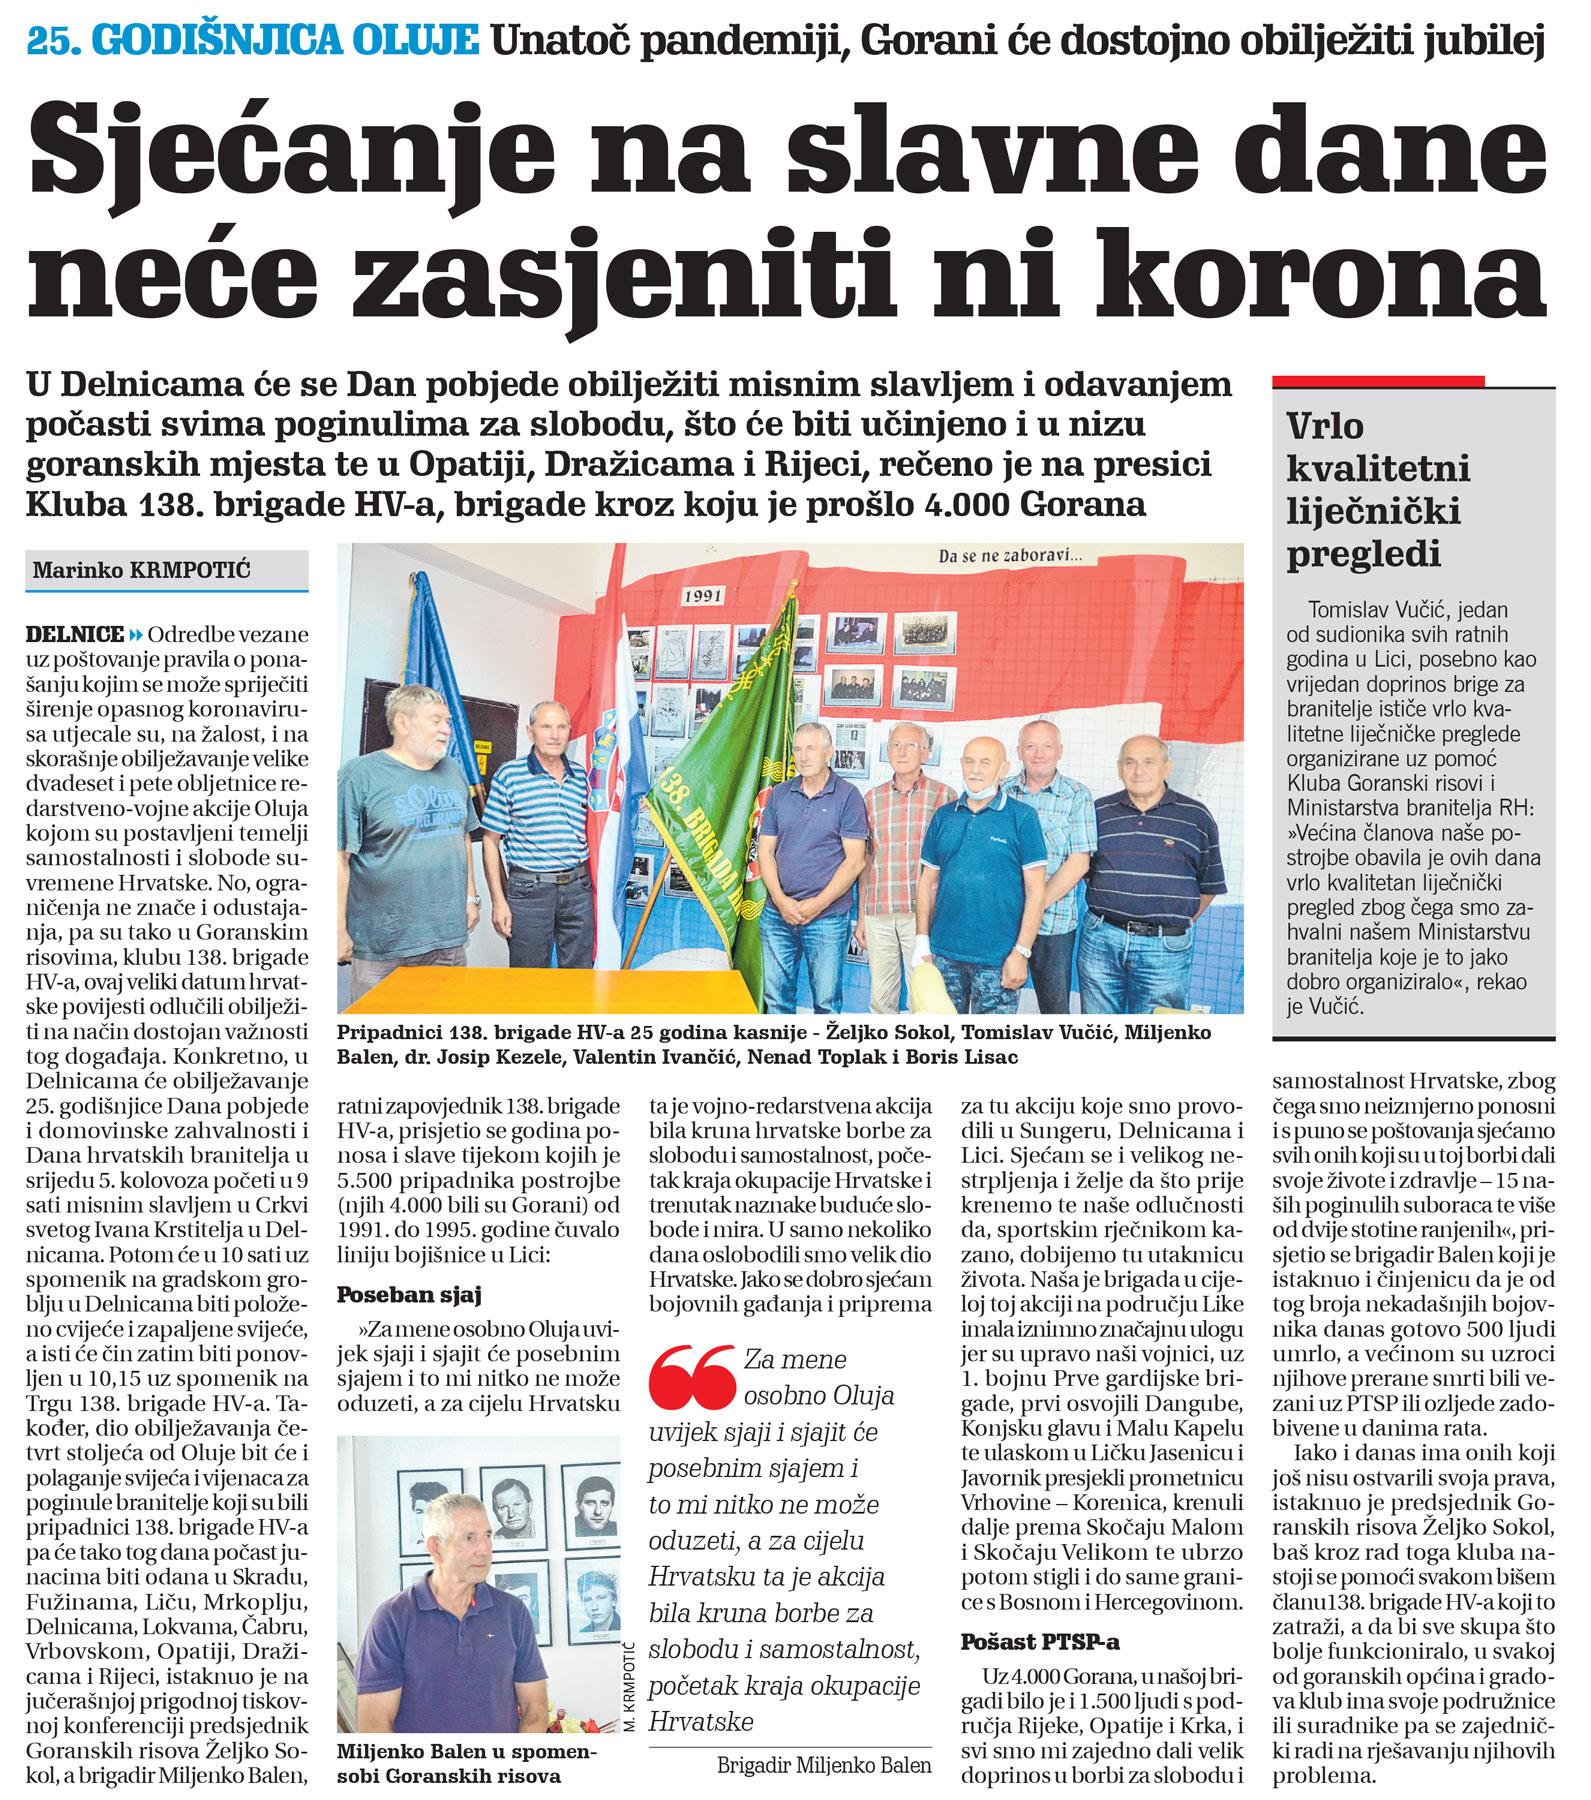 članak novi list, 138. brigada, proslava oluje